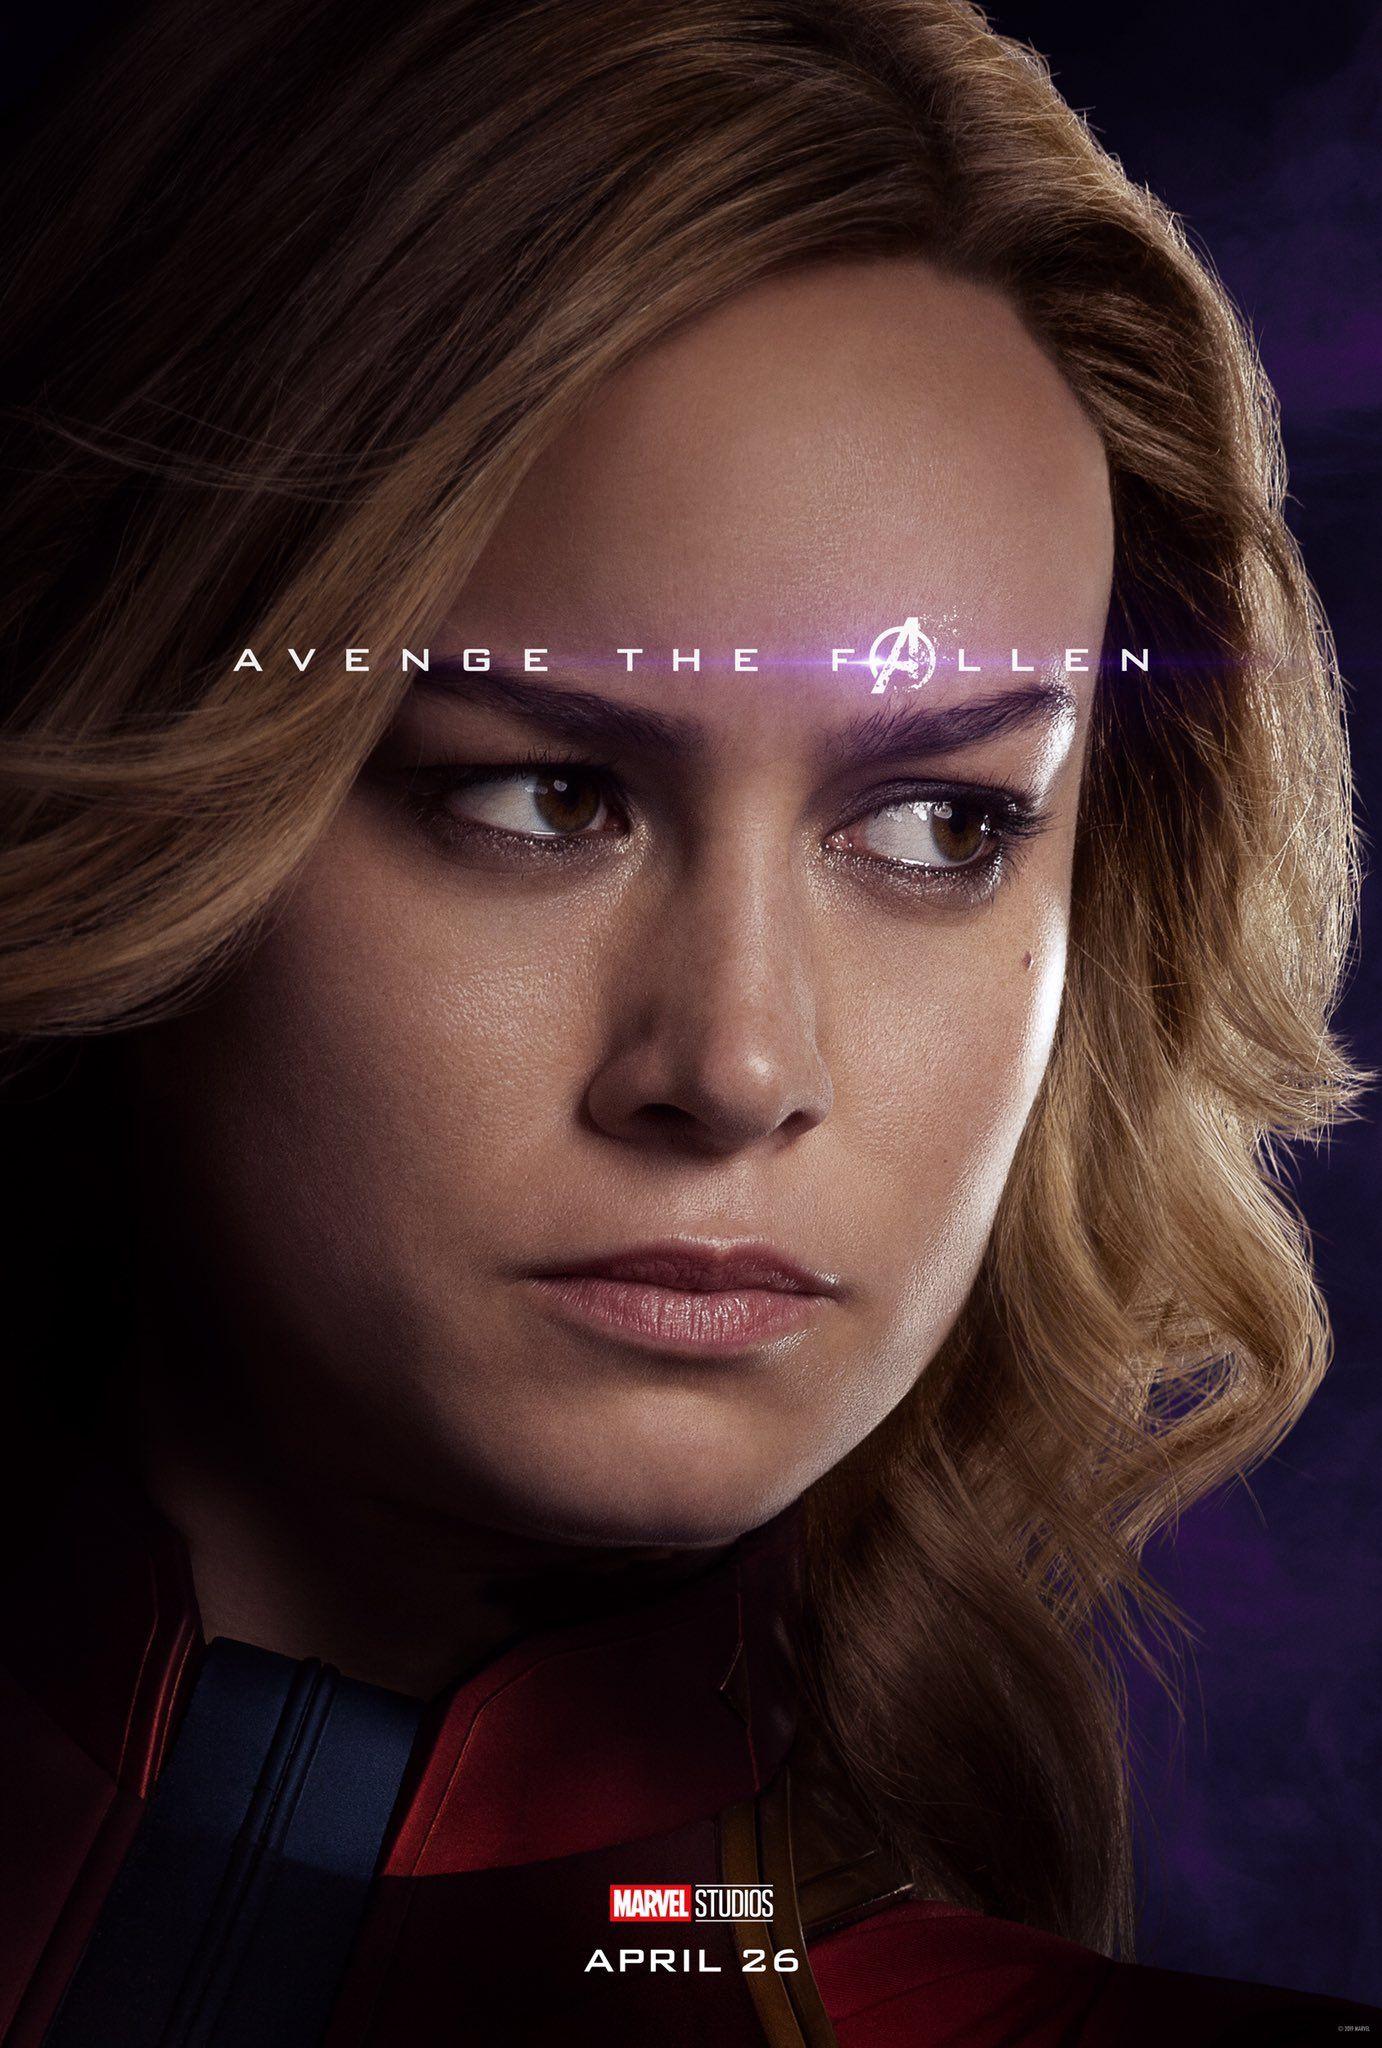 Avengers Endgame Fortsetzung